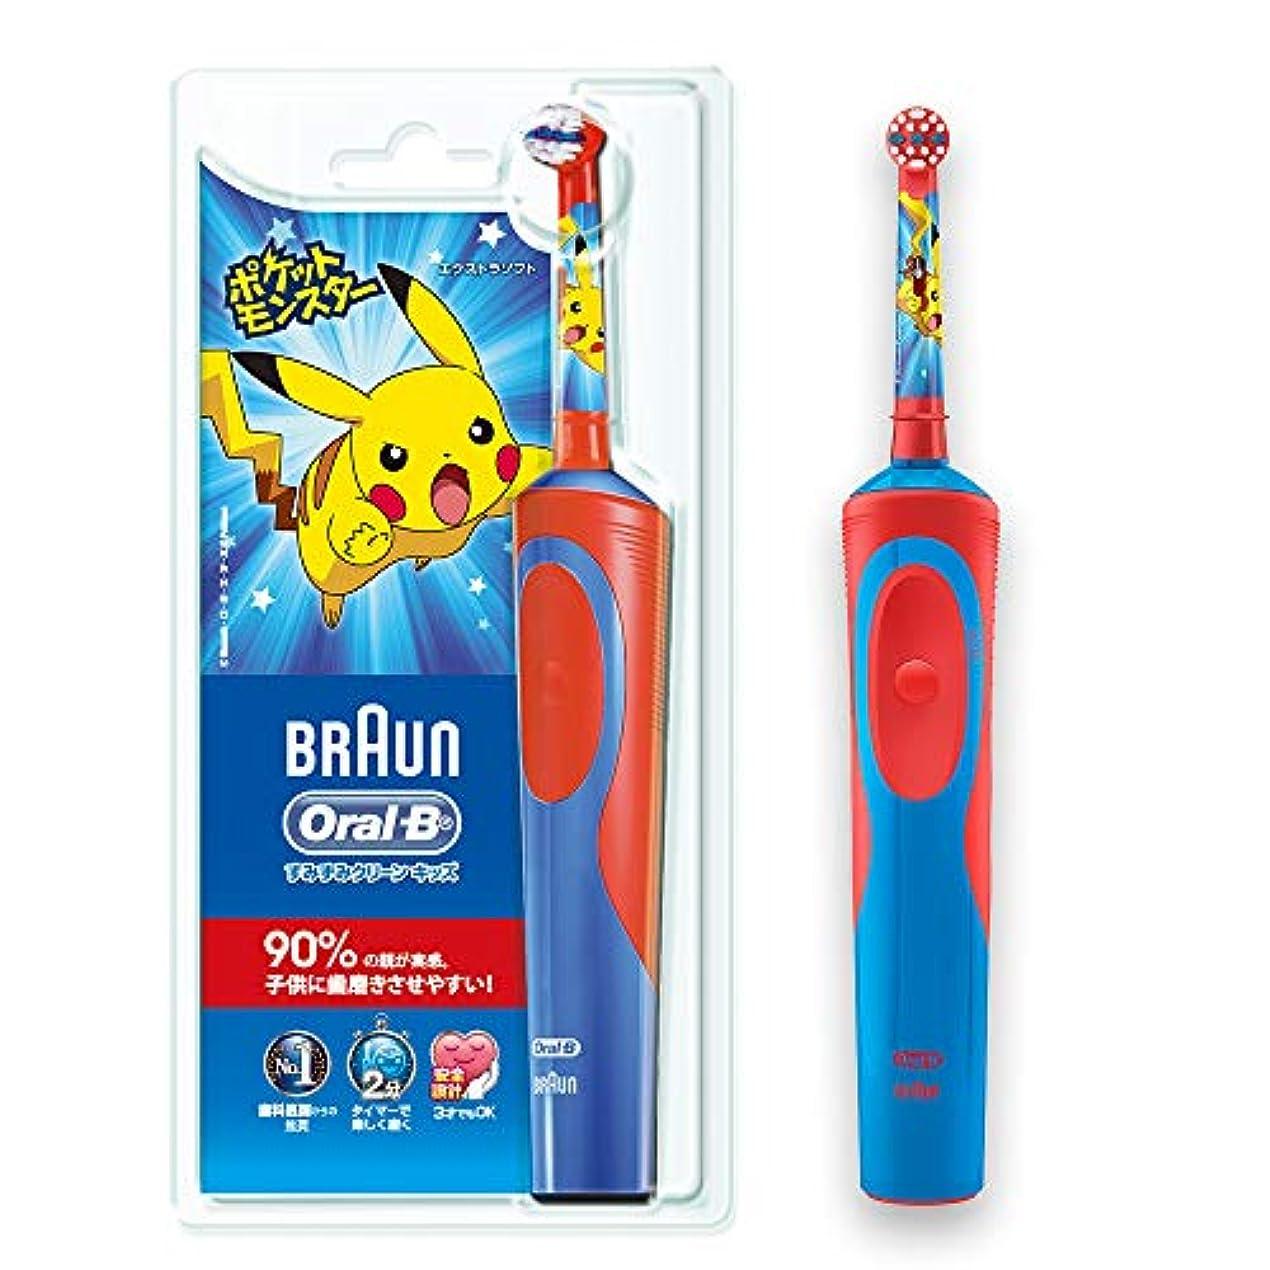 アコードの中で硬いブラウン オーラルB 電動歯ブラシ 子供用 D12513KPKMB すみずみクリーンキッズ 本体 レッド ポケモン 歯ブラシ